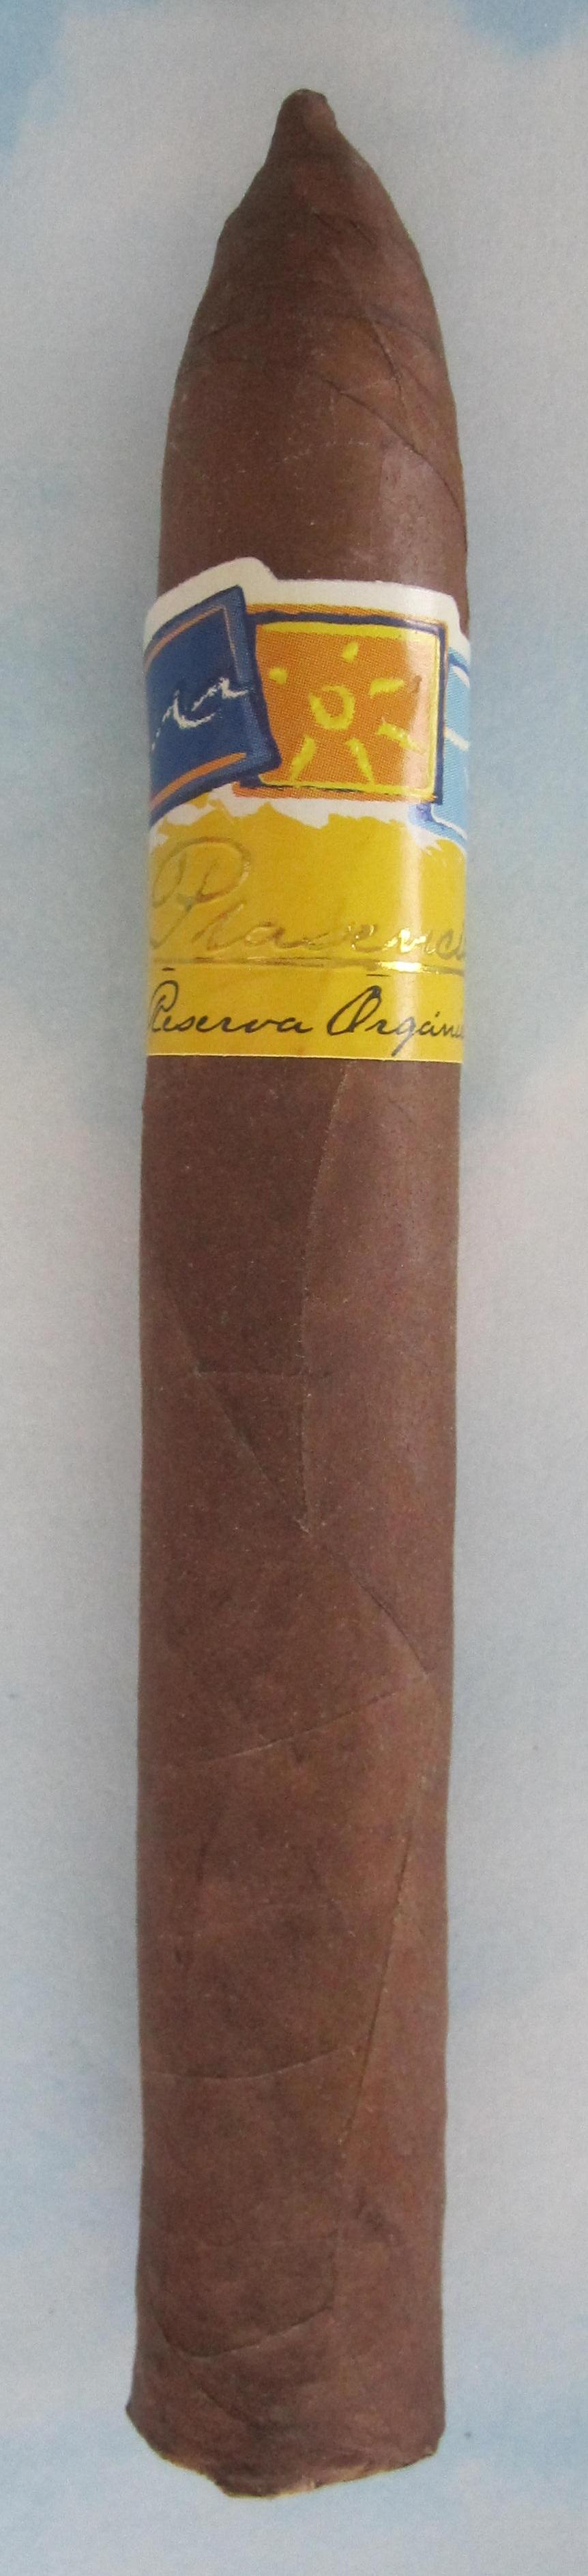 Plasencia Organica Cigar